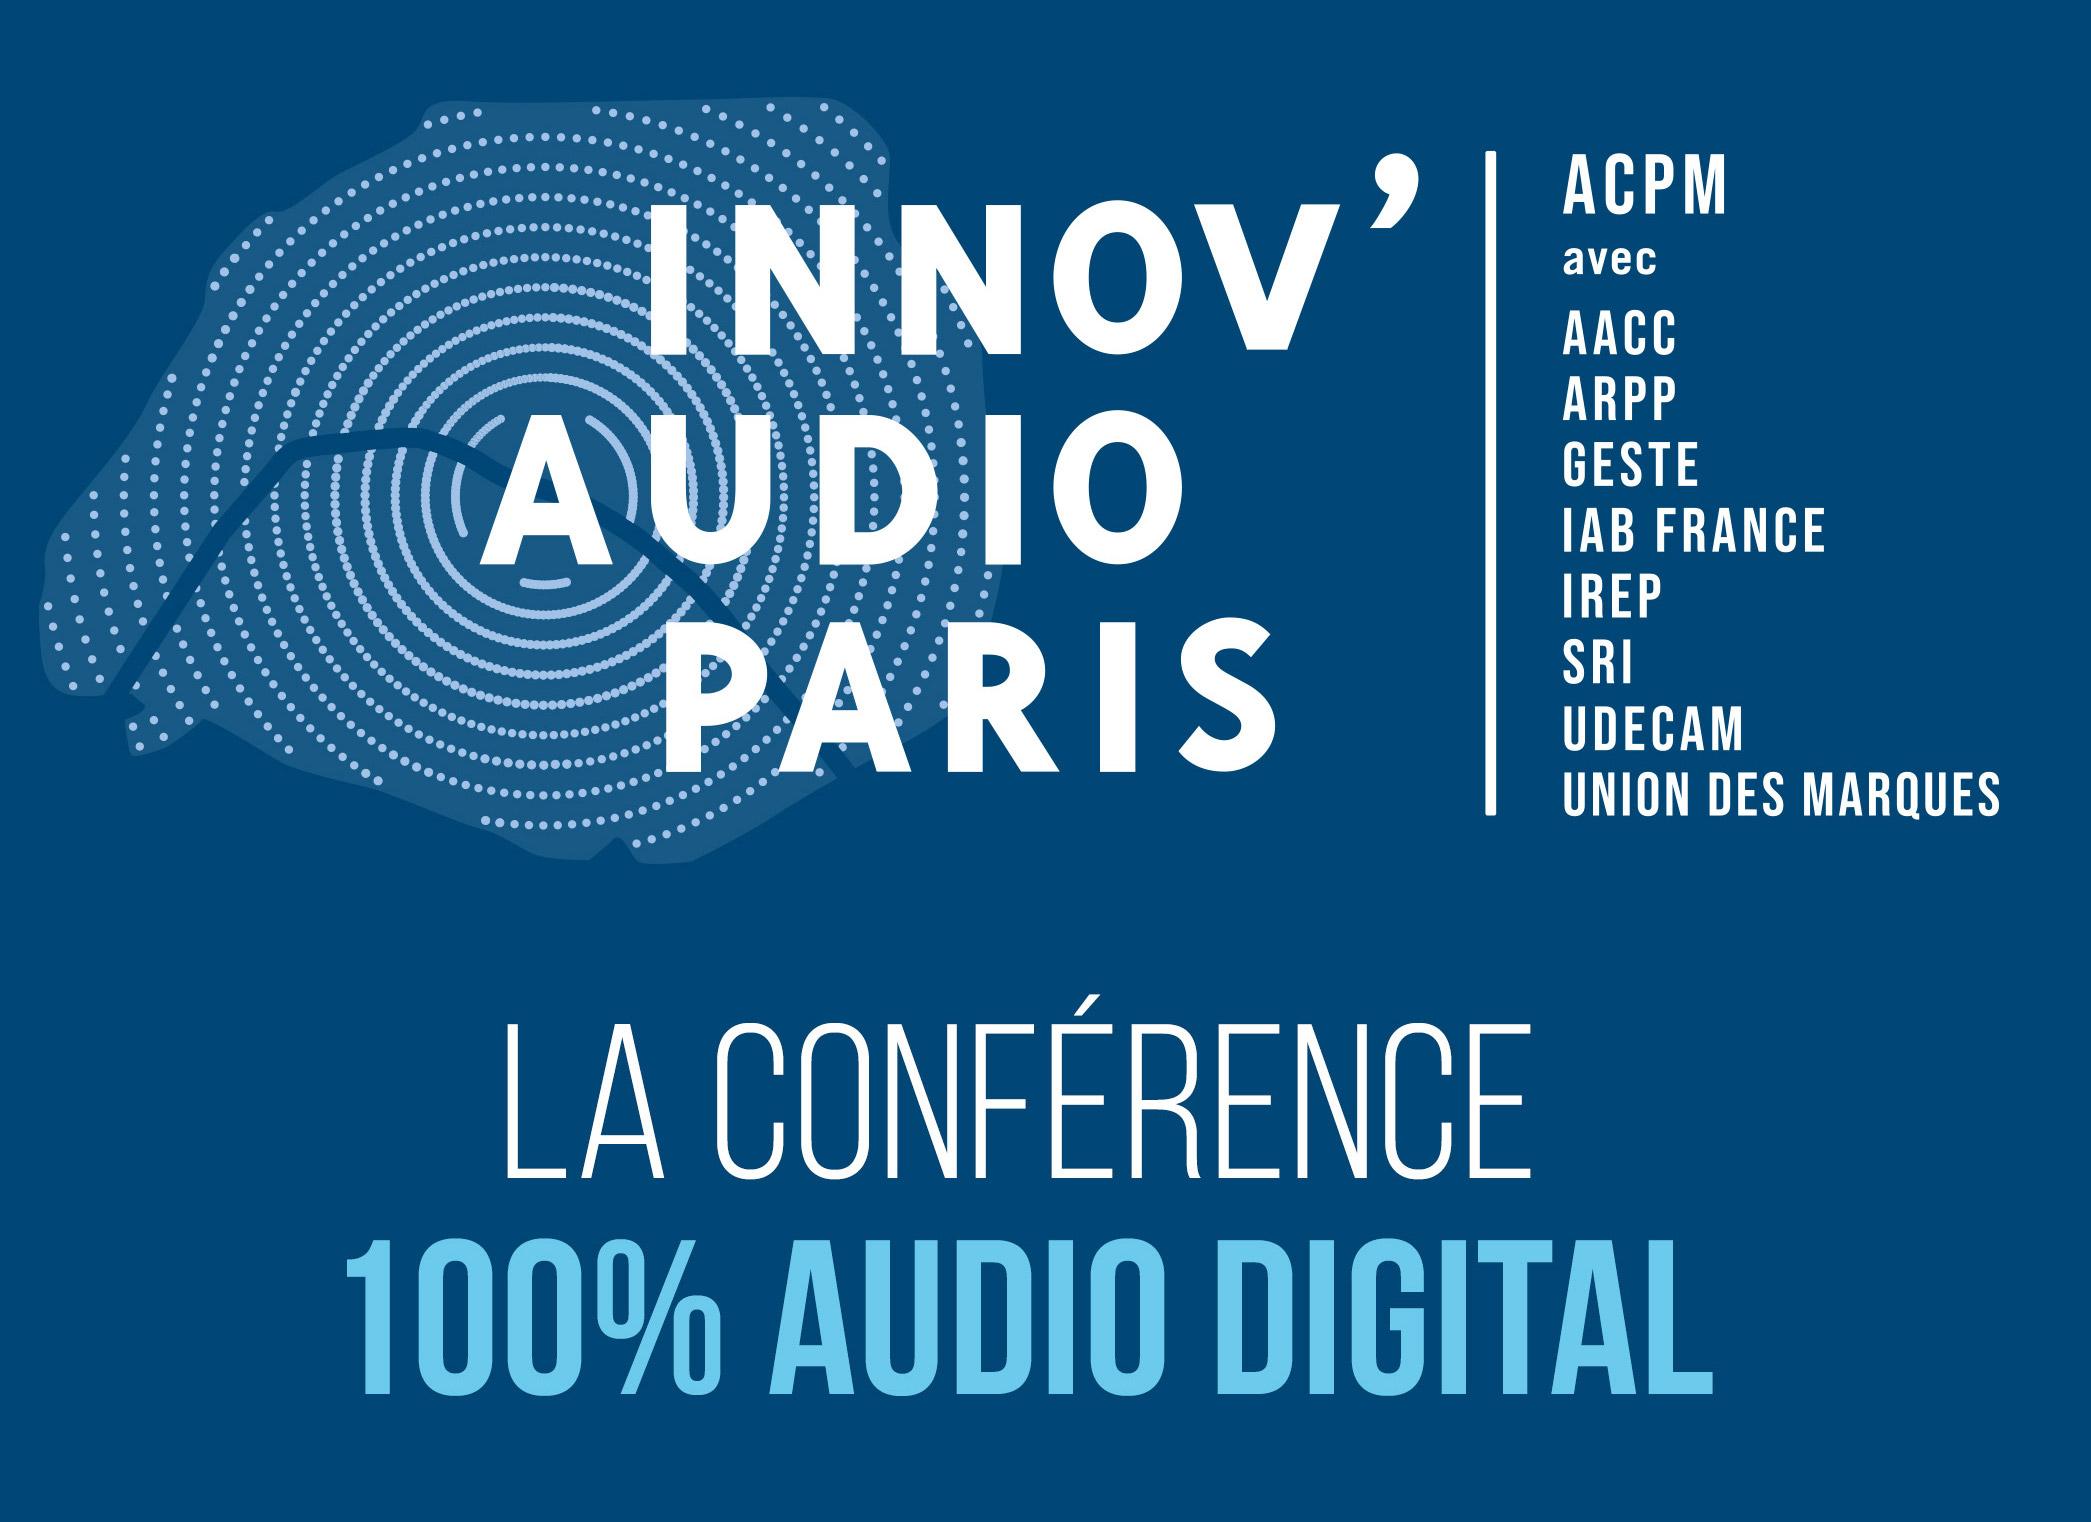 2ème édition d'Innov'Audio Paris, le 20 novembre, à la Maison de la Radio